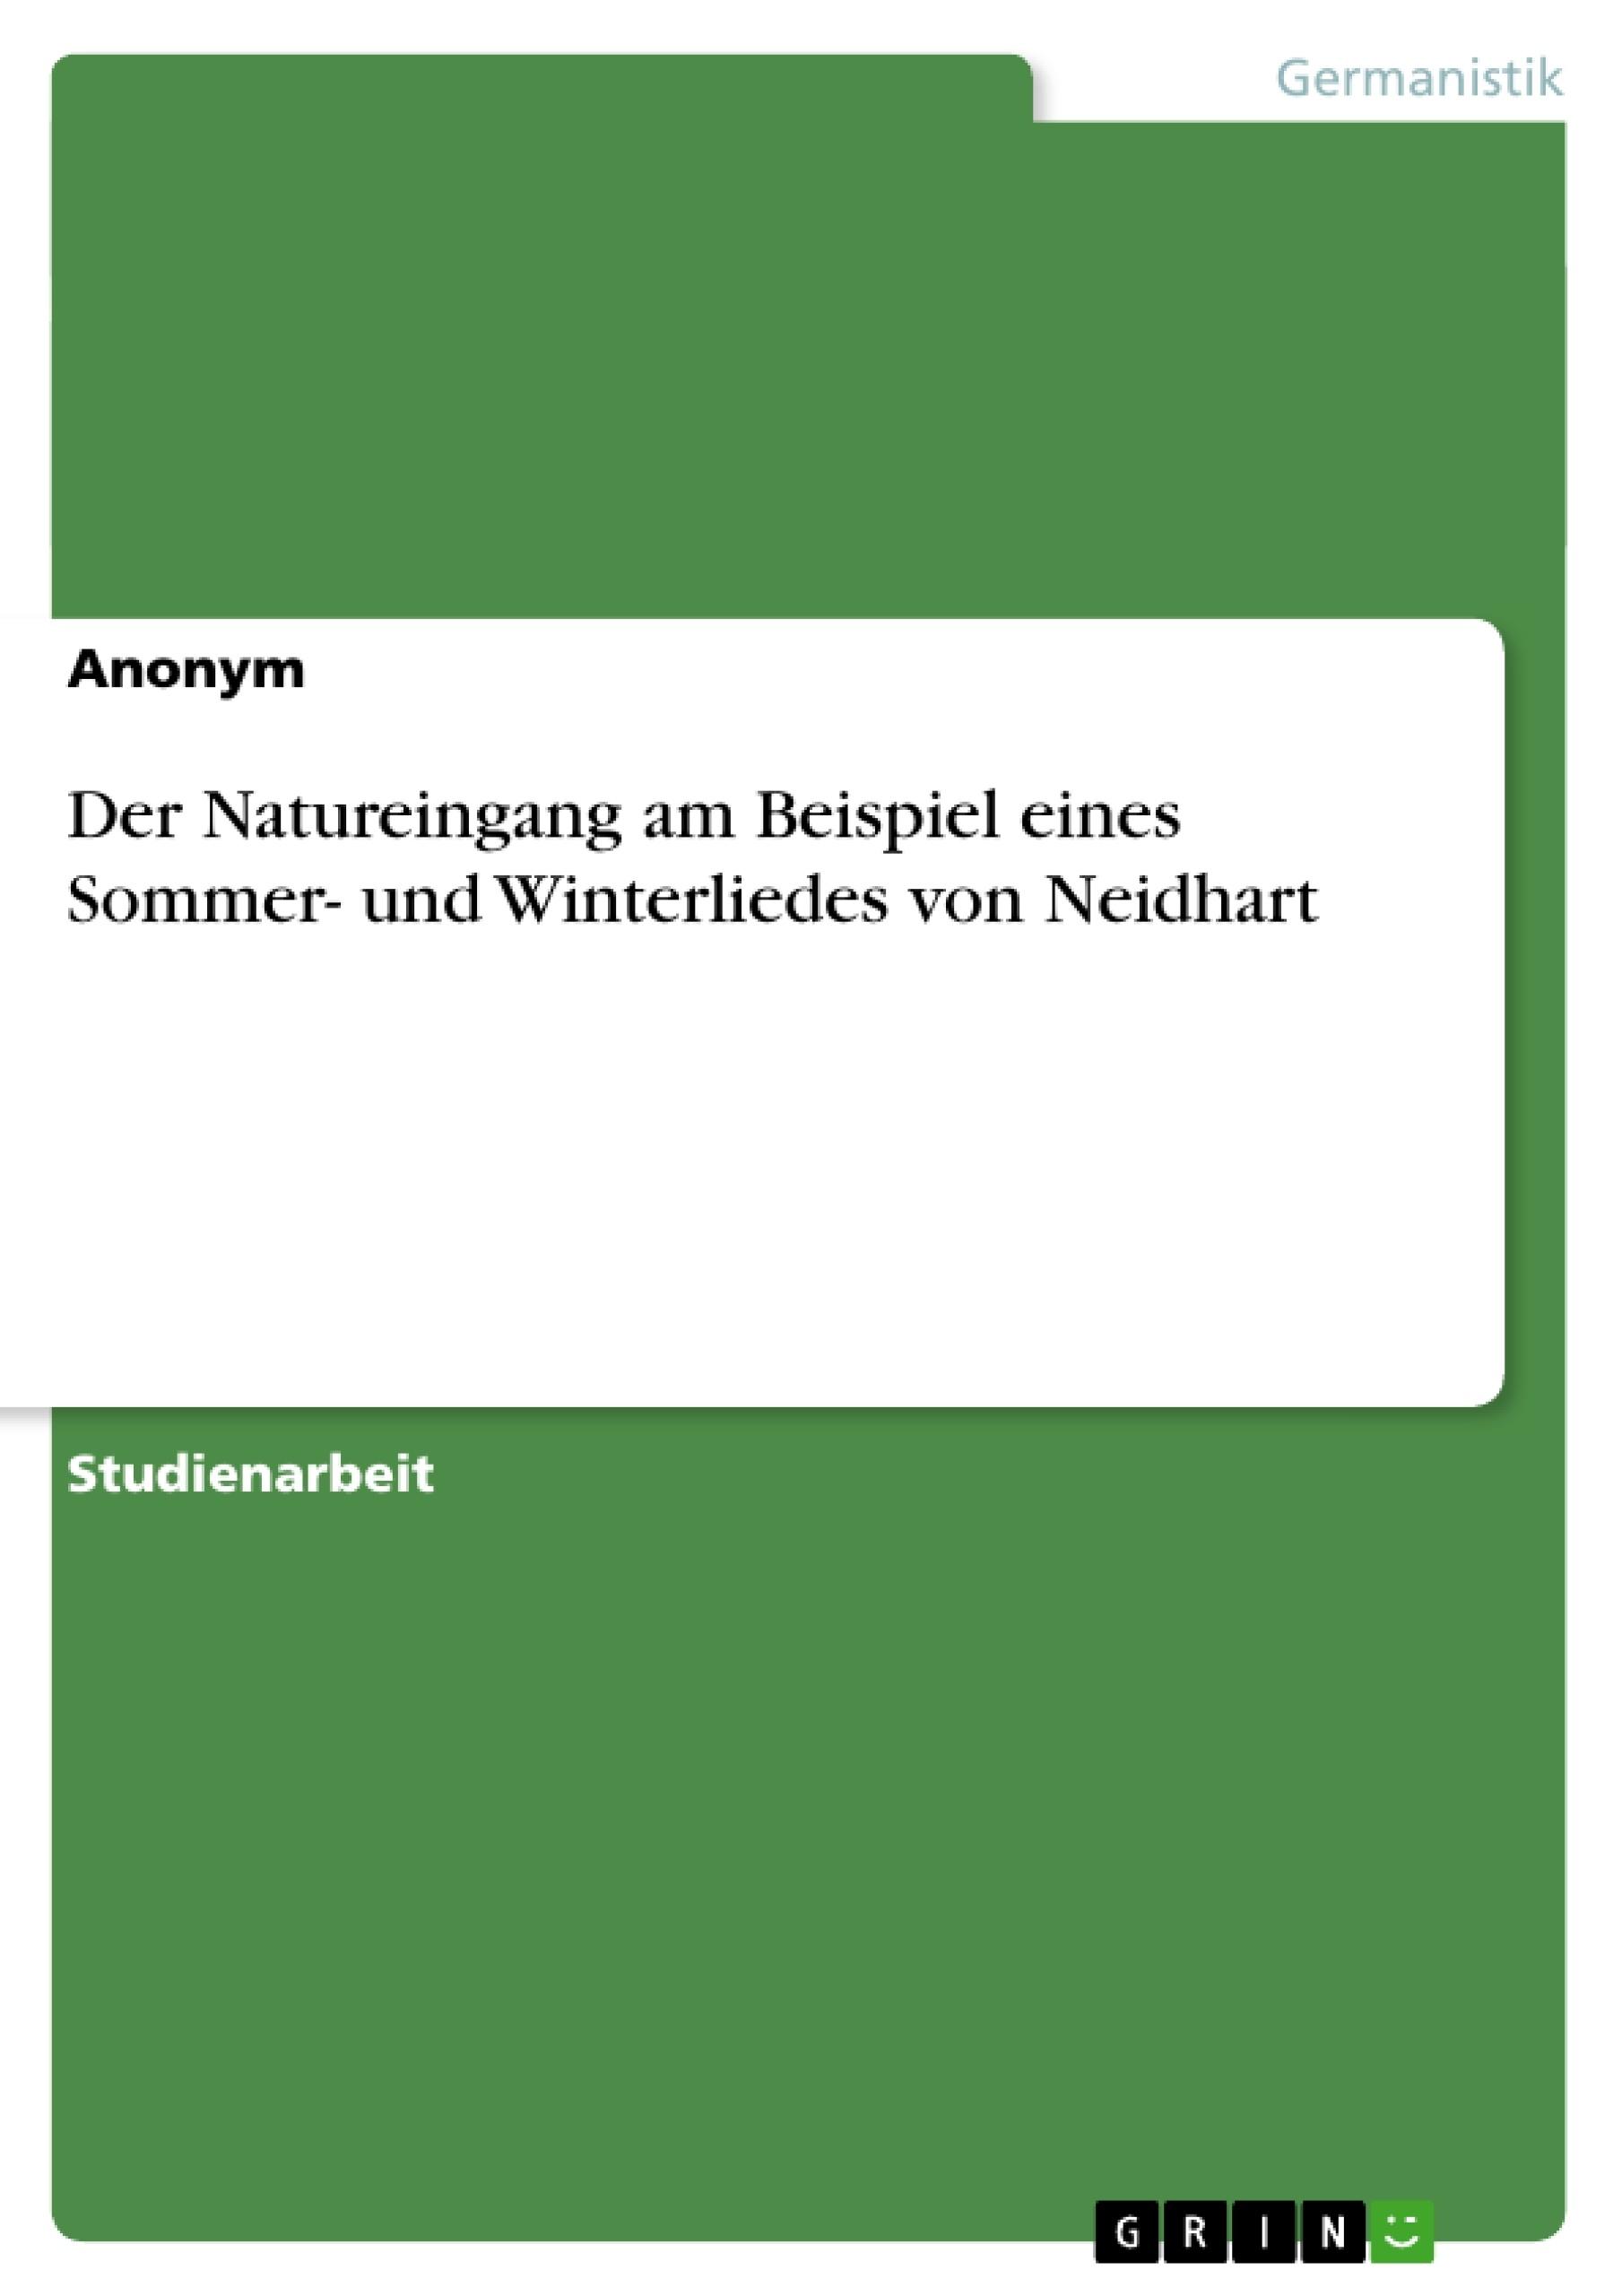 Titel: Der Natureingang am Beispiel eines Sommer- und Winterliedes von Neidhart